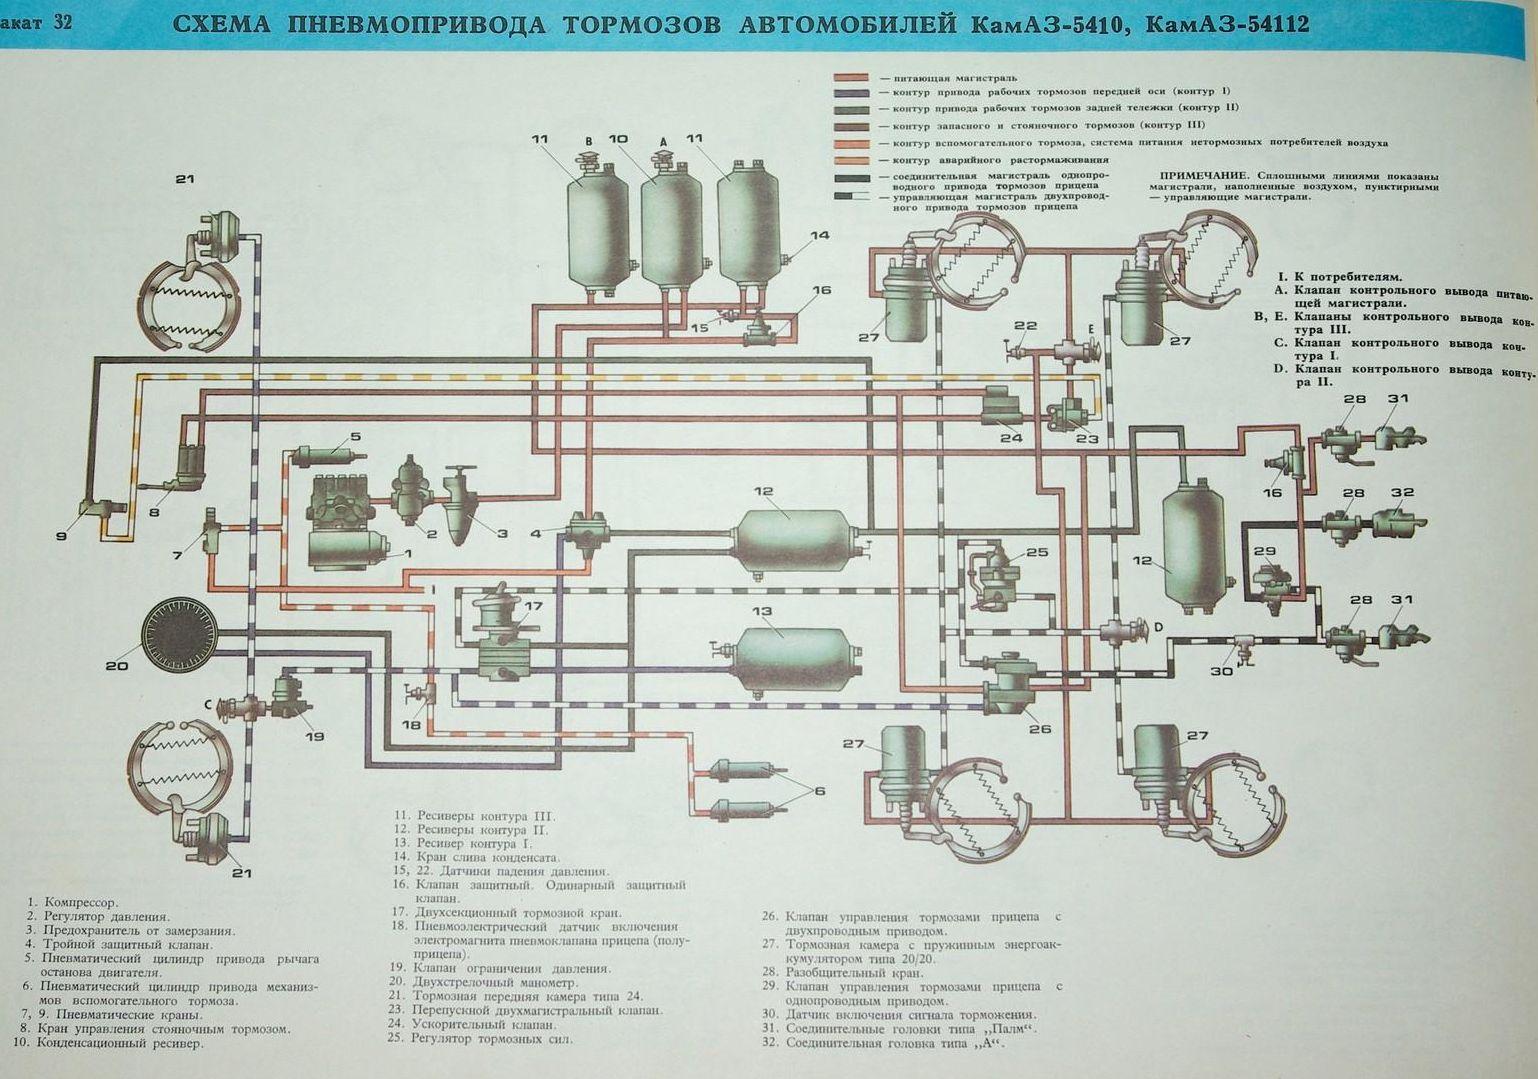 Схема пневматического привода тормозных механизмов автомобиля камаз